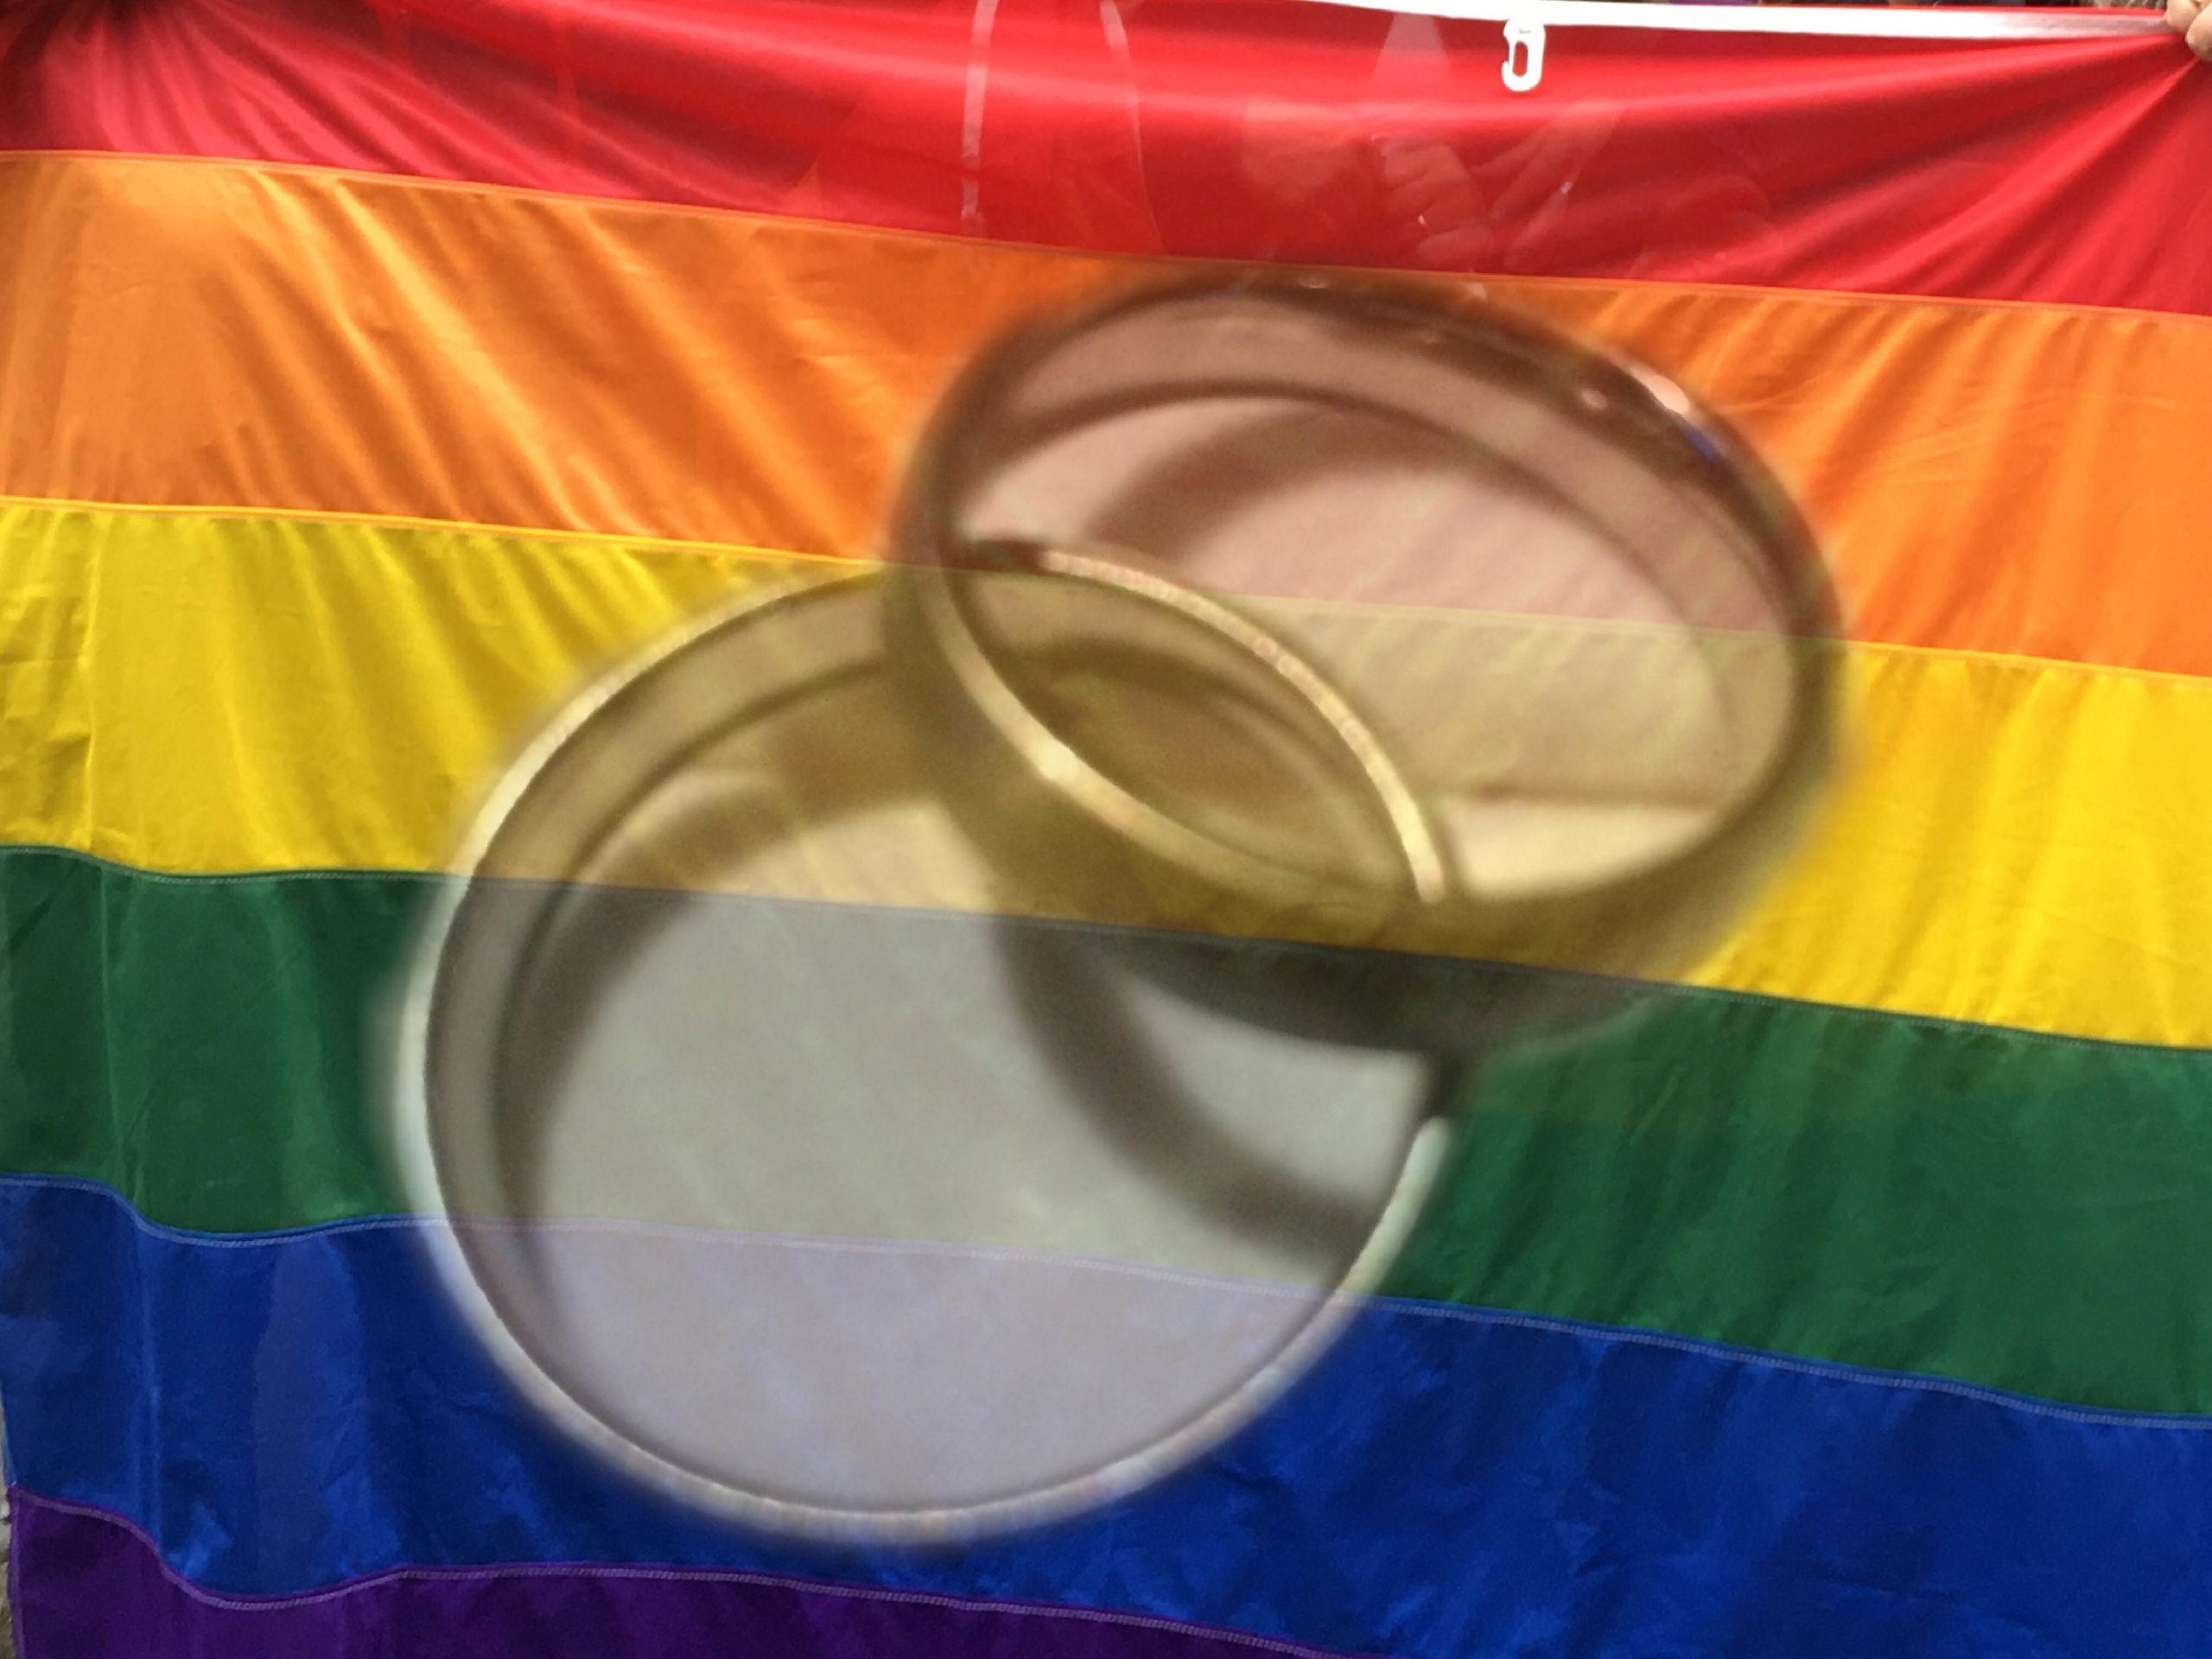 Ehe für alle: Ausgemerkelt! Mit Netz und doppeltem Boden